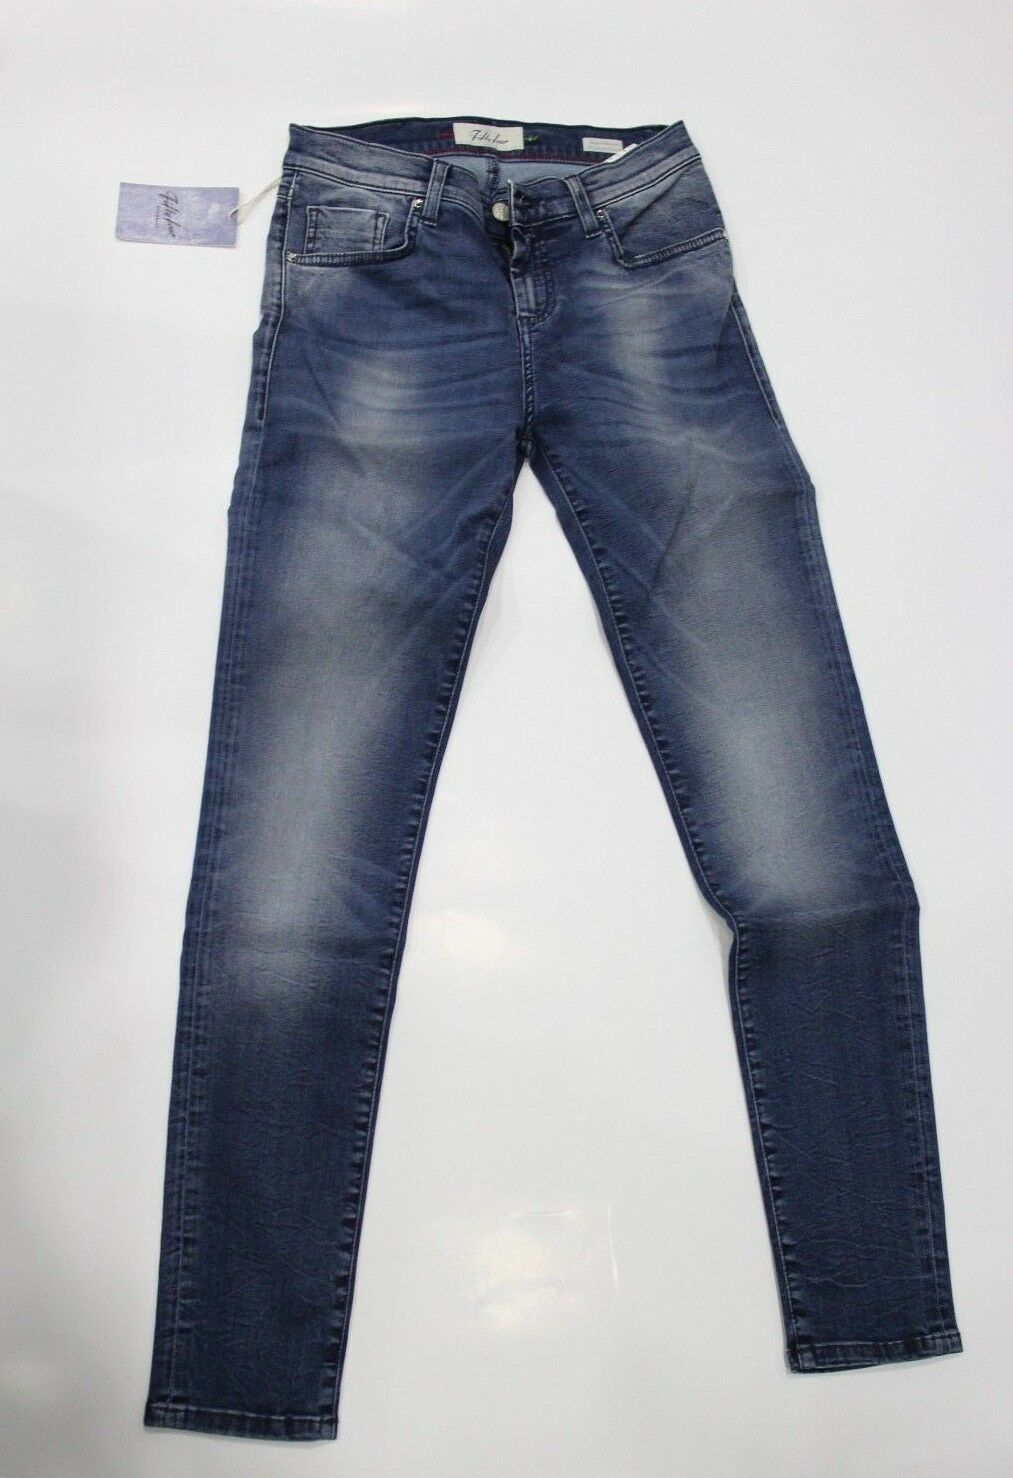 FIFTY FOUR Feoff Feoff Feoff Jeans Pantalone Donna Super Skinny Fit vita alta Blu 017c78